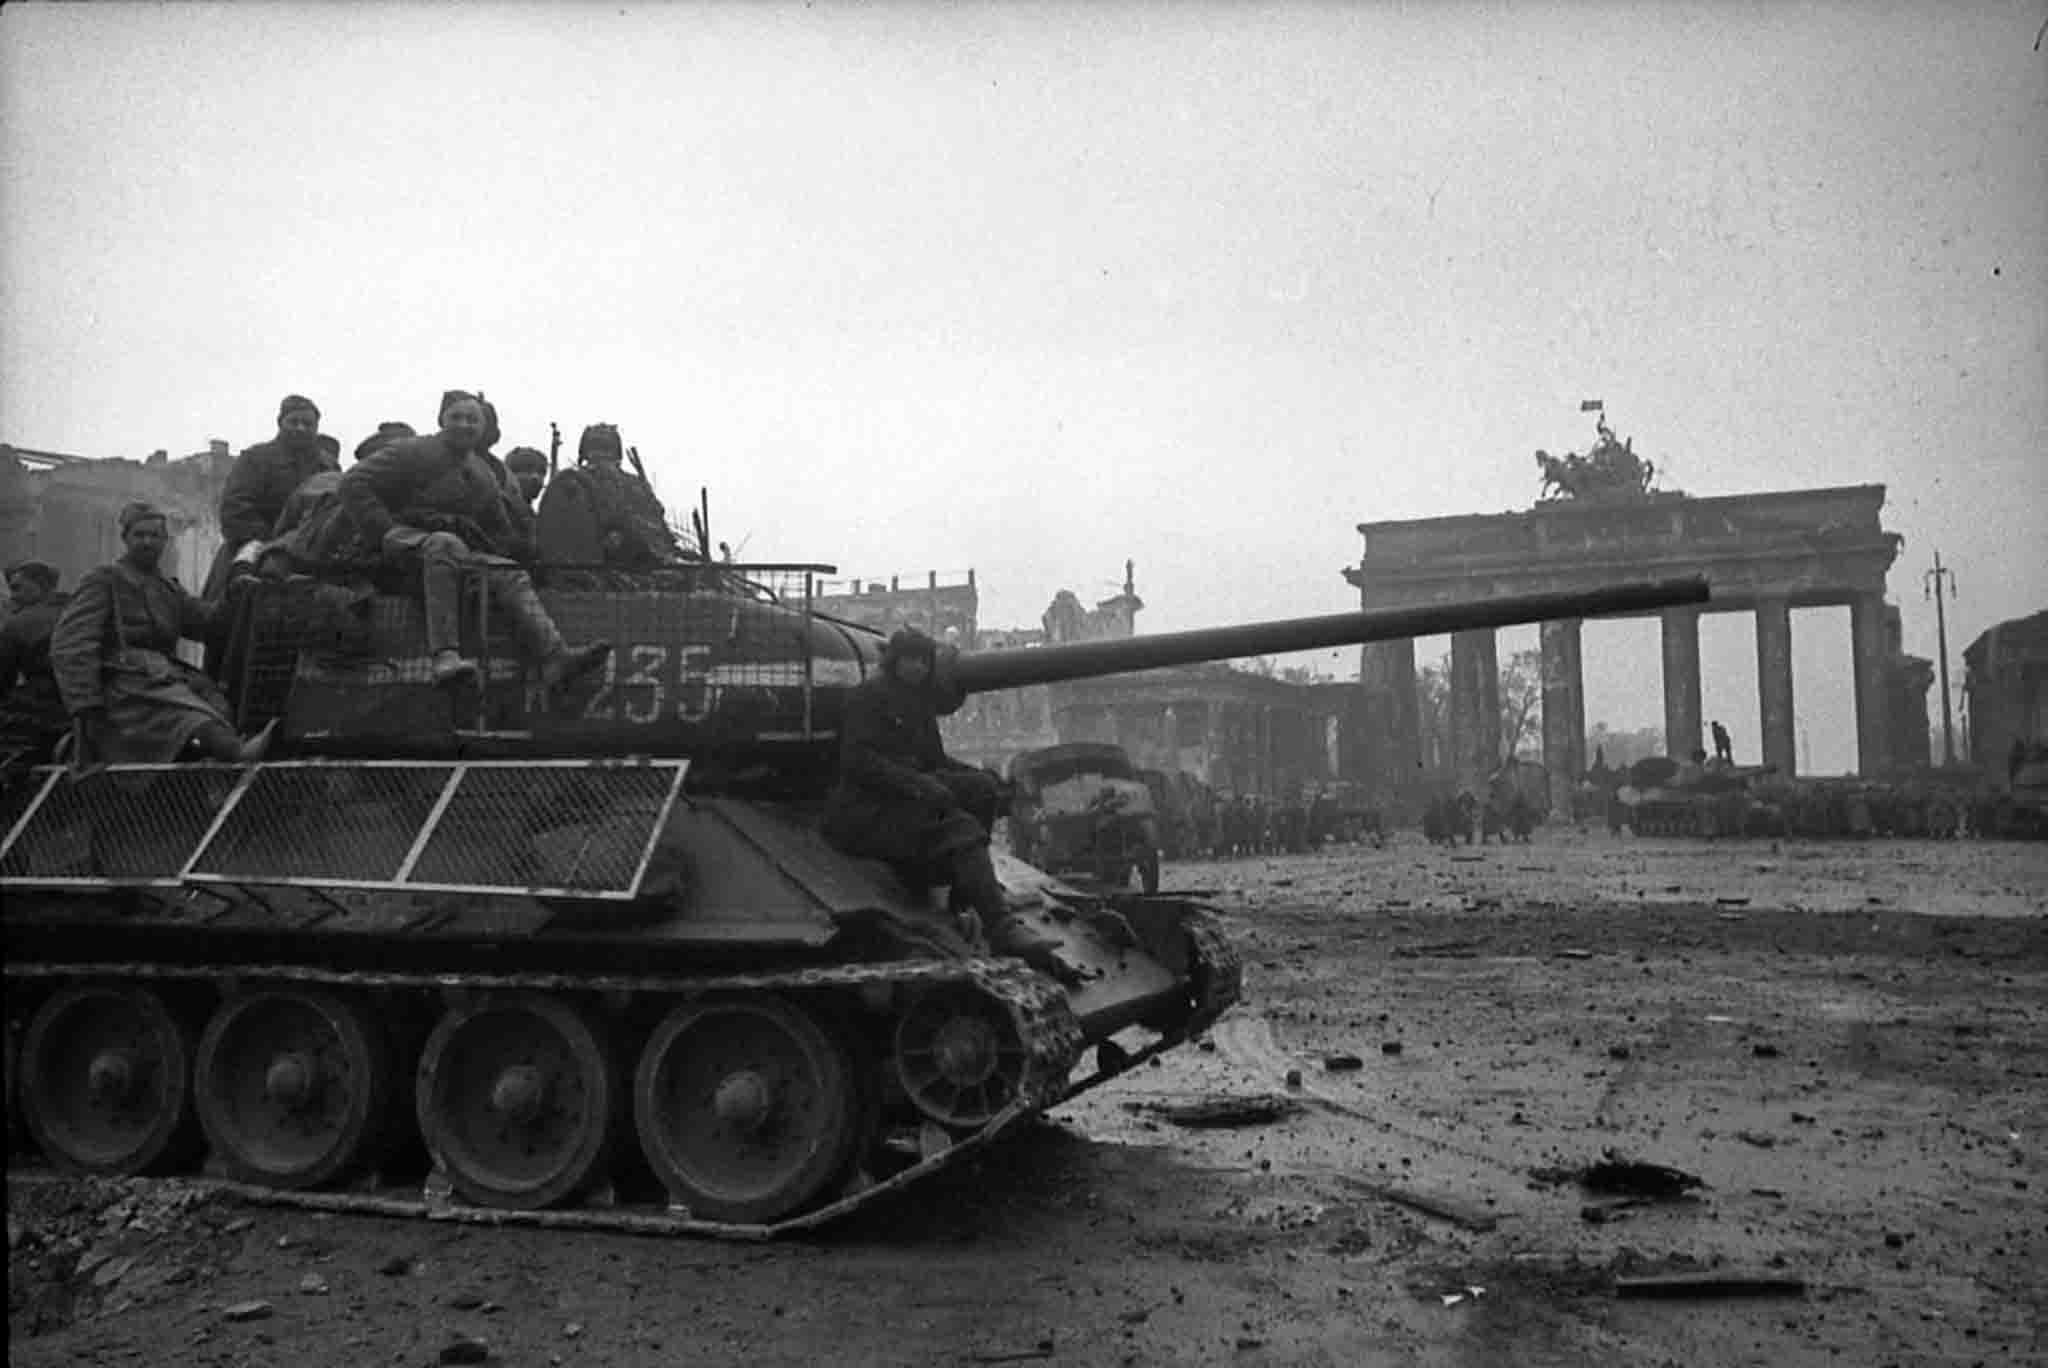 Tropas russas entram em Berlim transportadas em um T-34/85